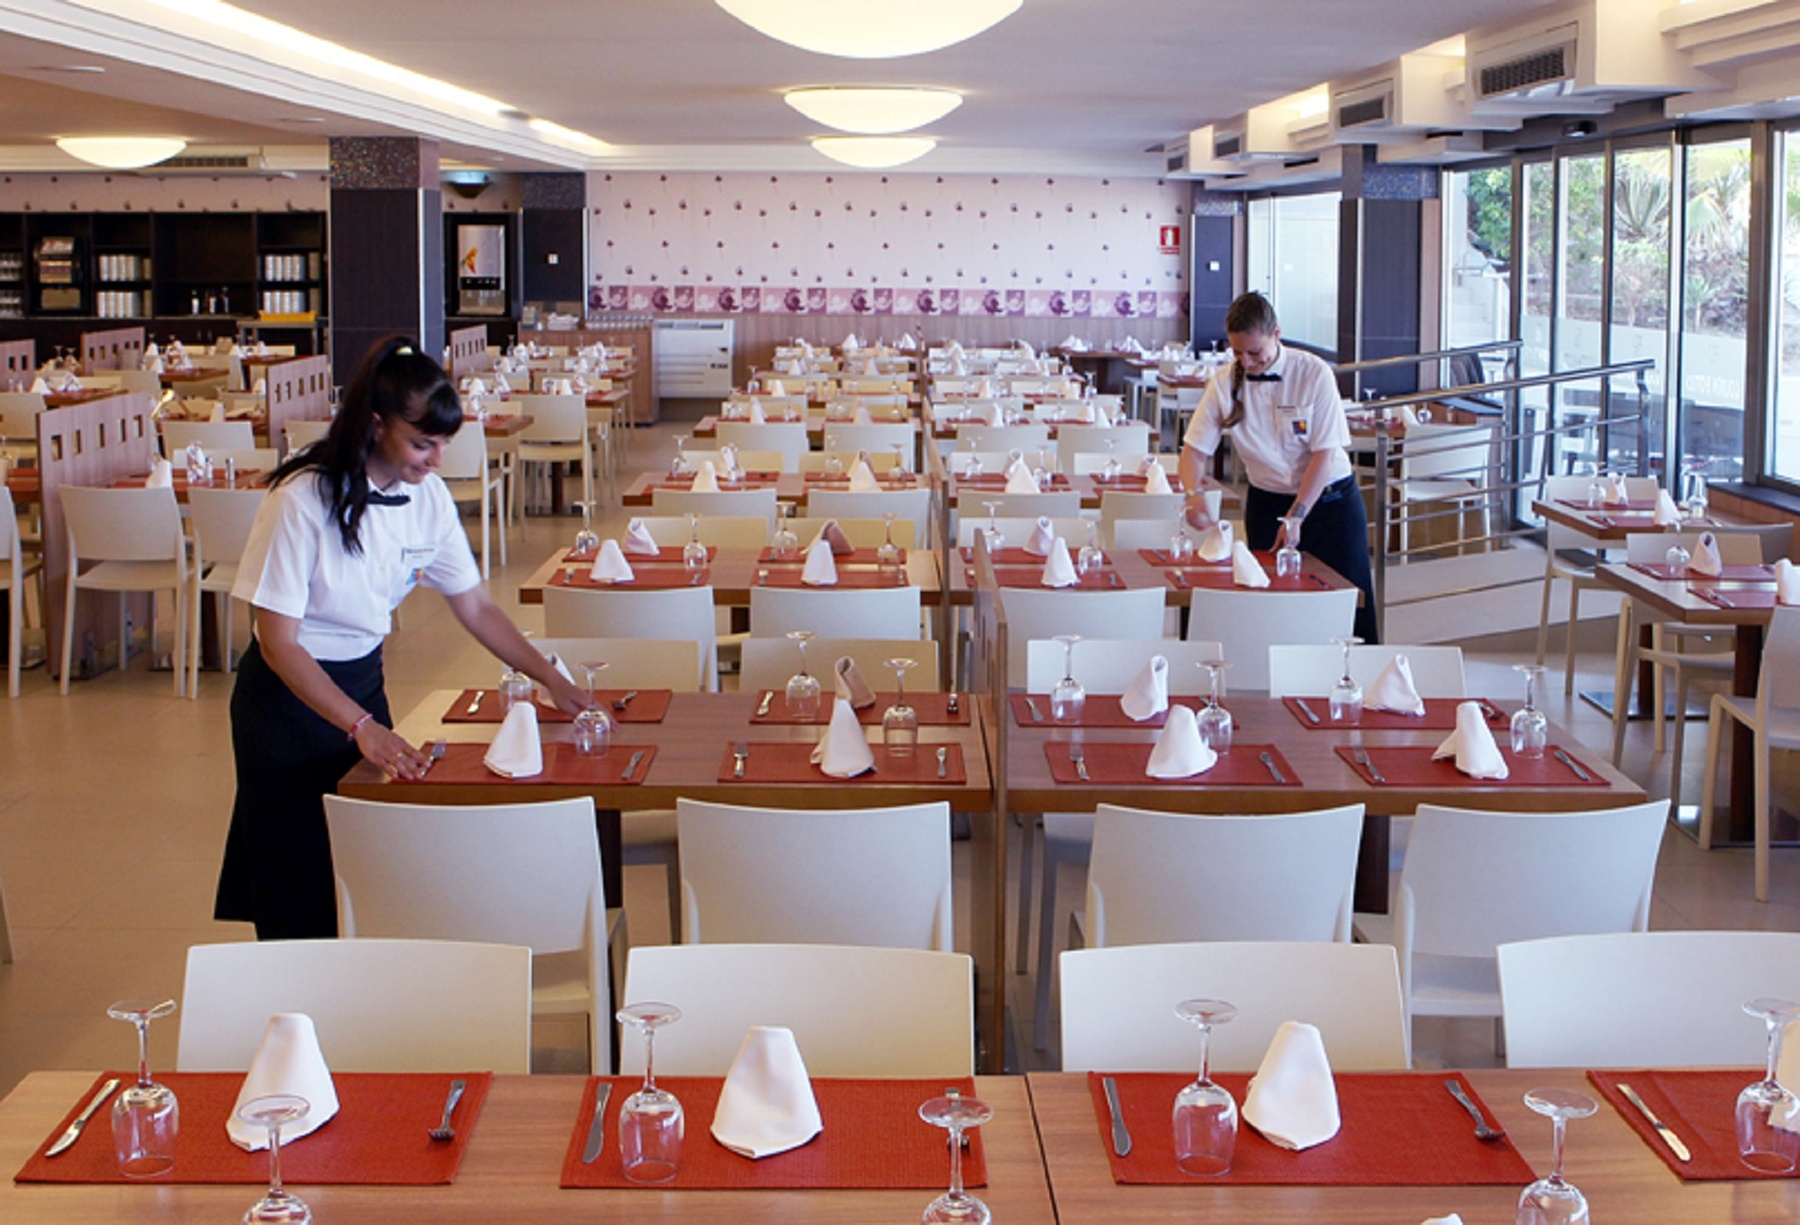 hoteles restaurante pensión completa Salou Costa Dorada